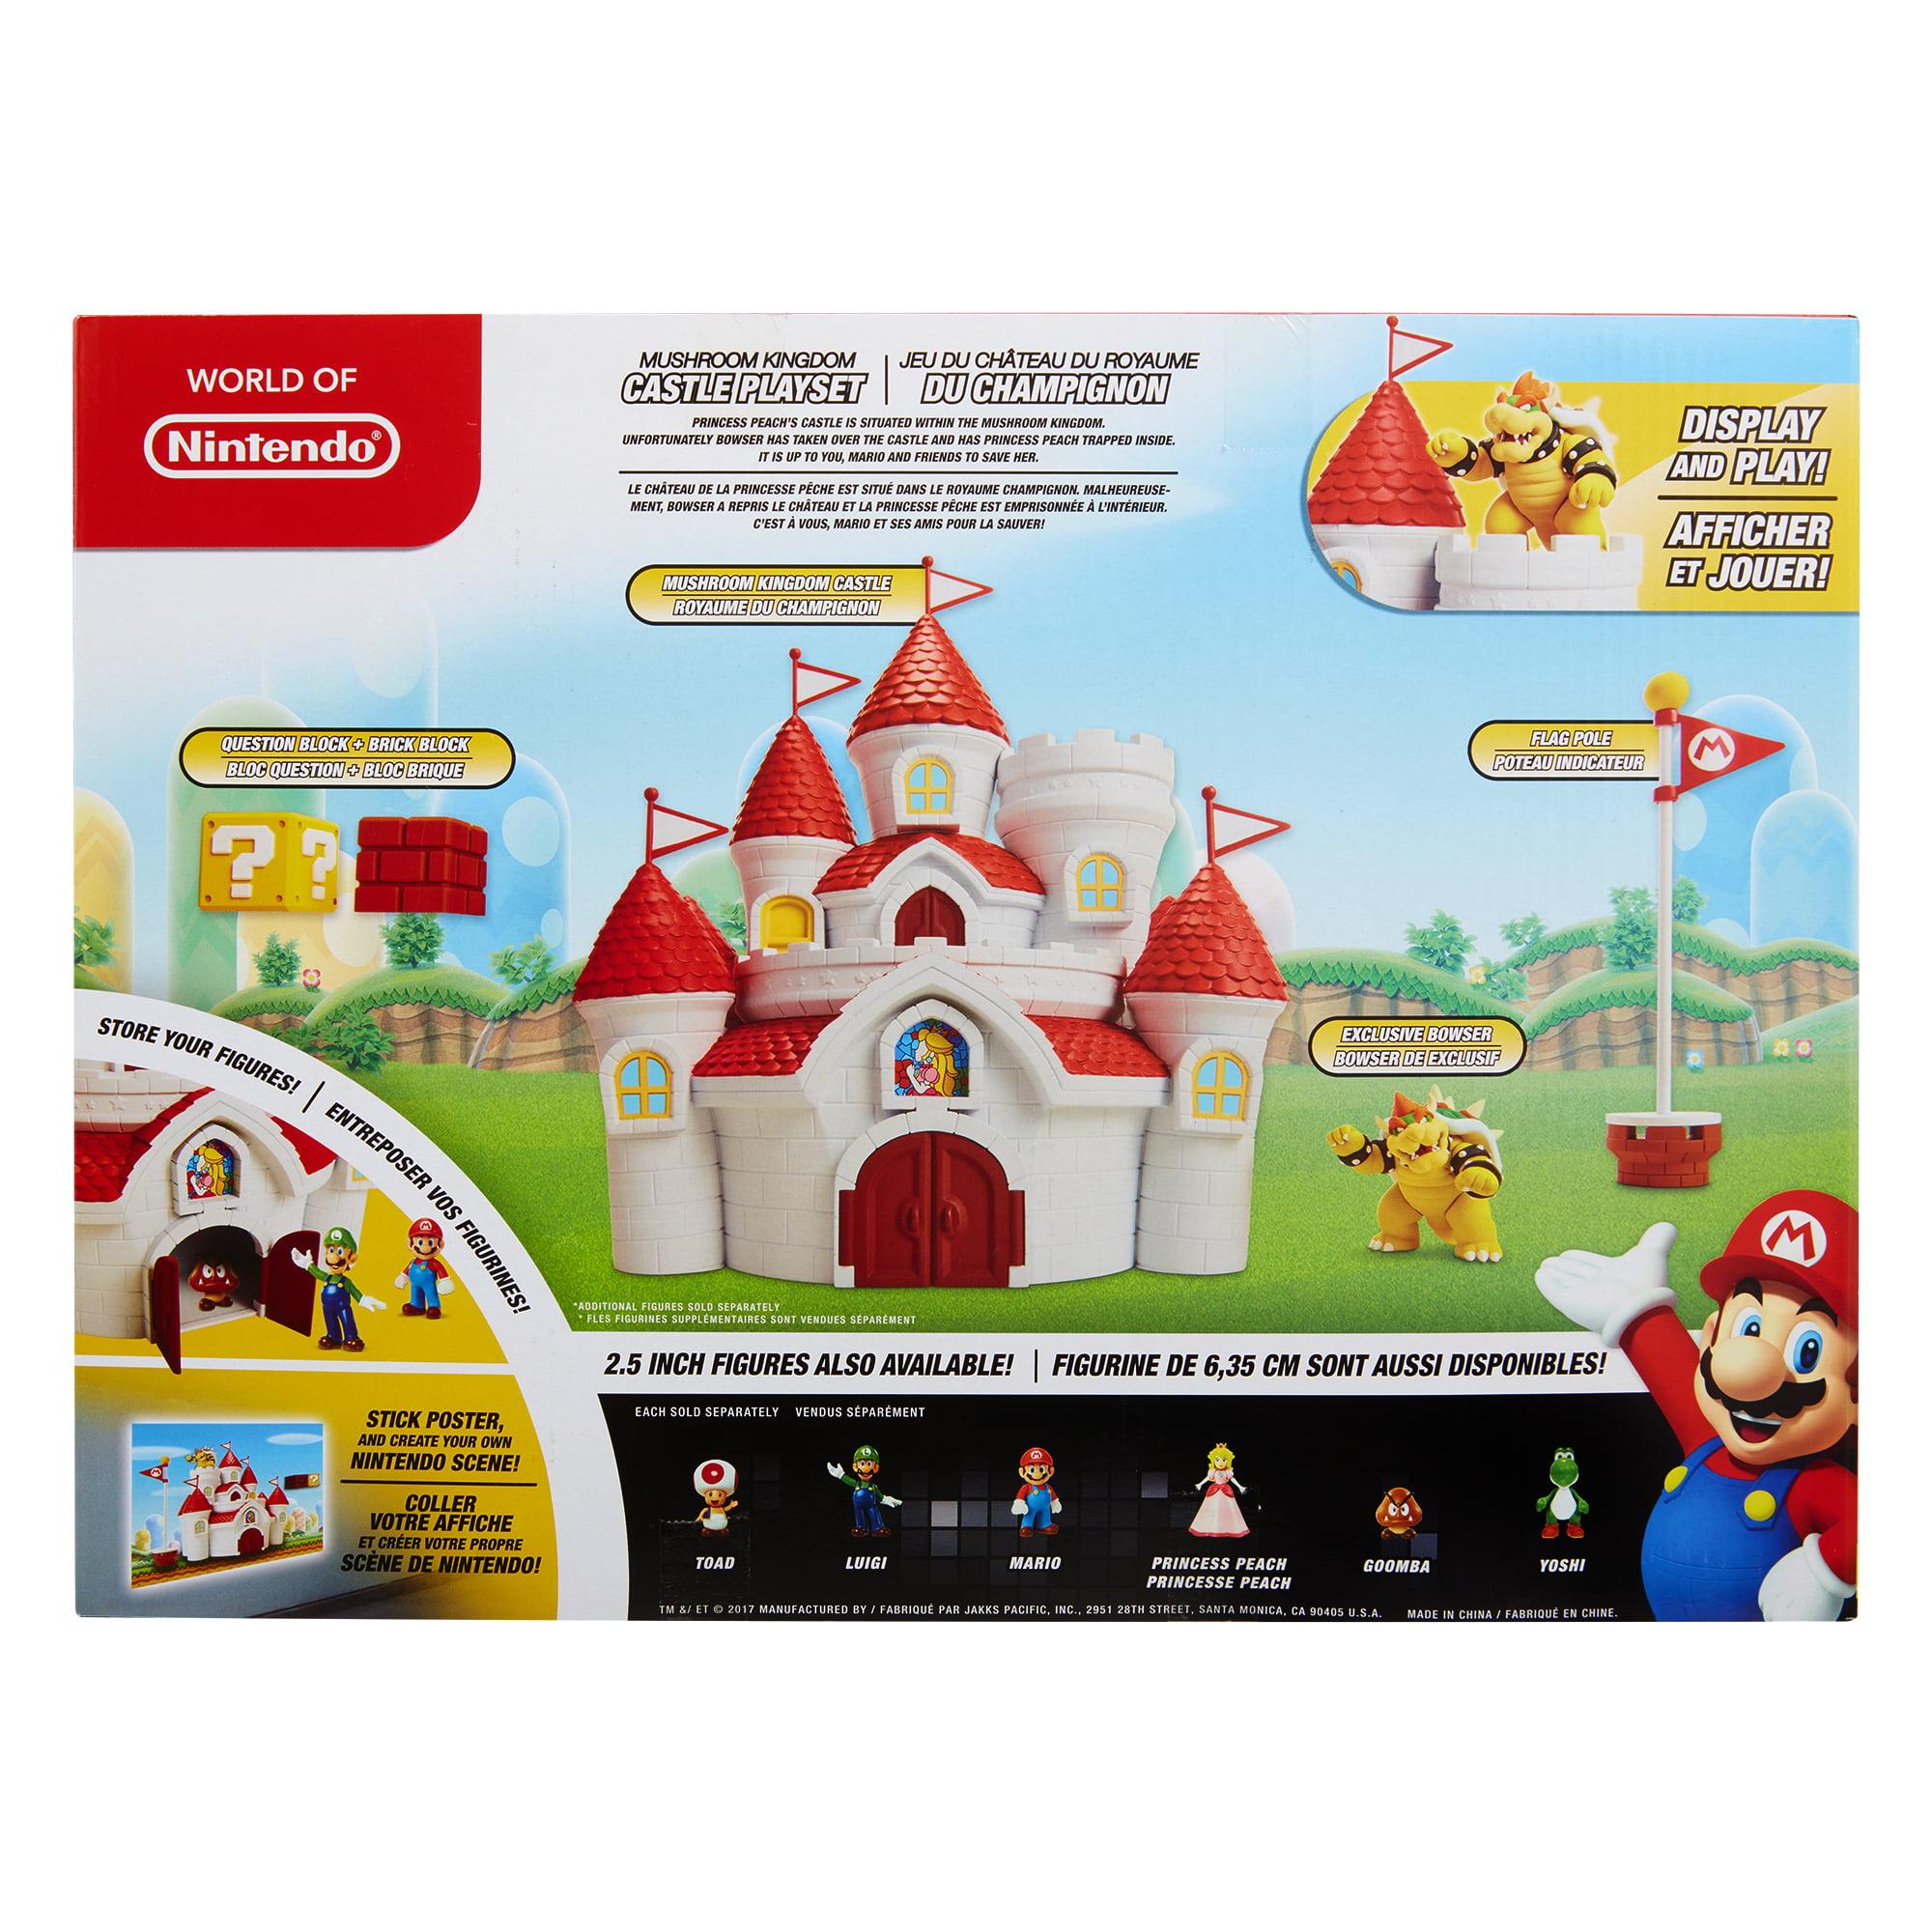 mario mushroom kingdom background